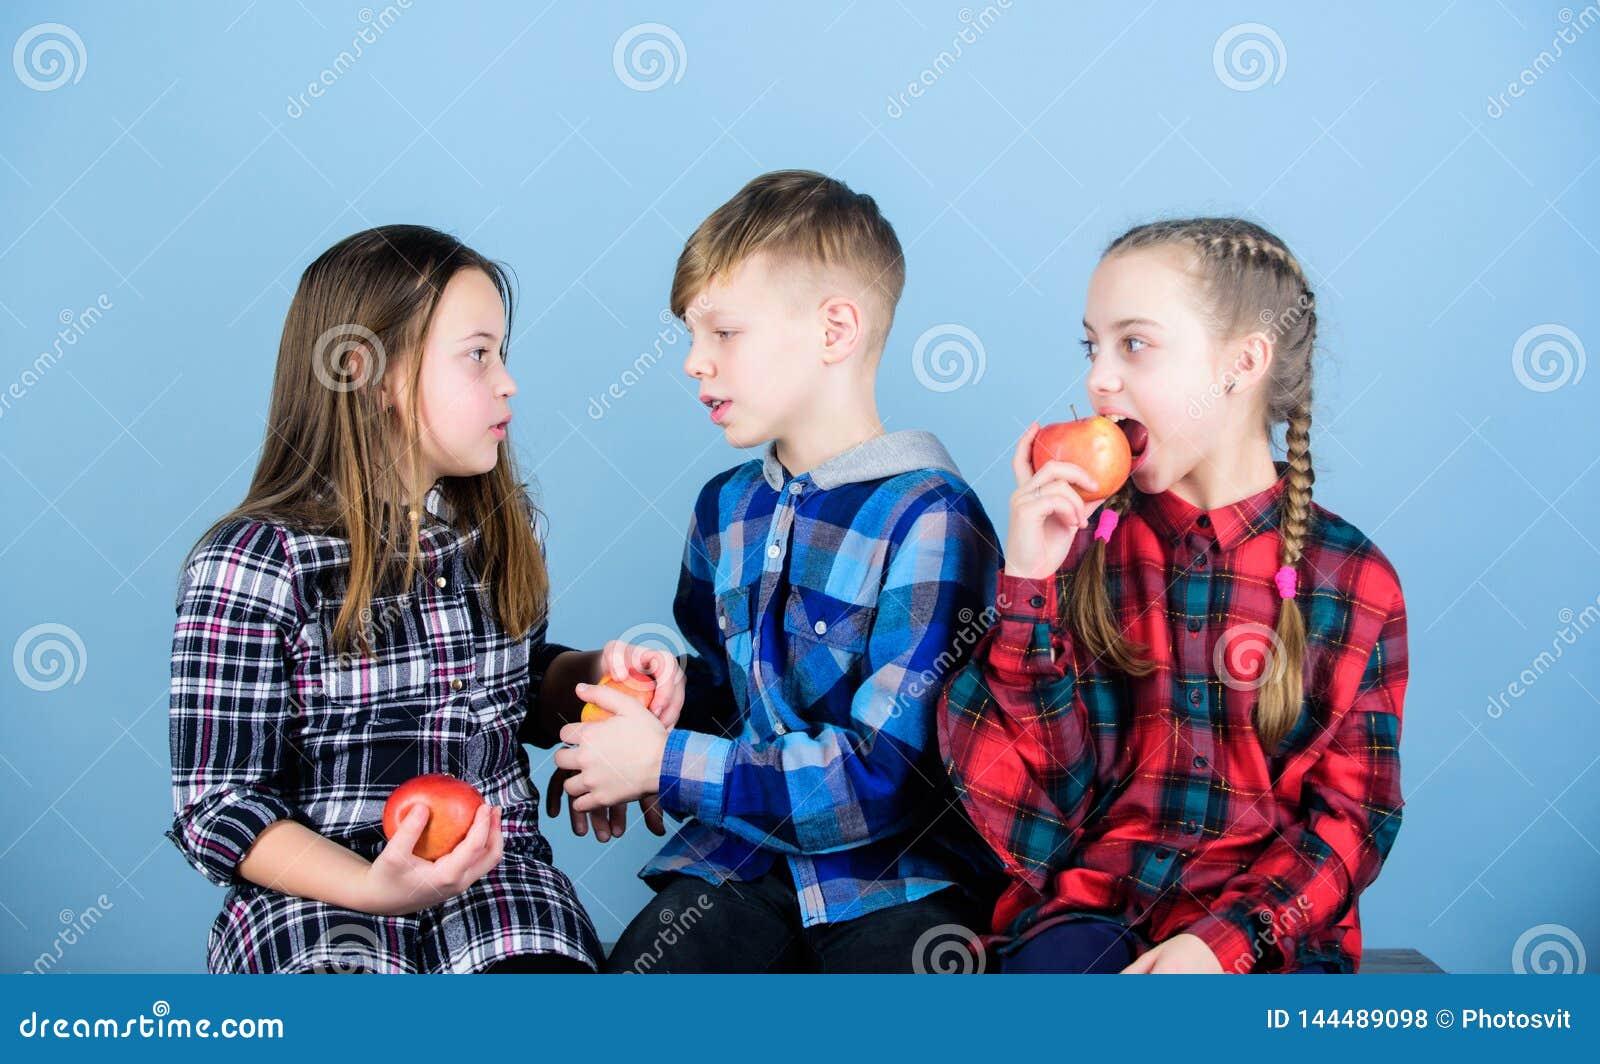 Съешьте плод и быть здоровый Повышать здоровое питание Мальчик и подруги едят яблоко Подросток со здоровой закуской группа